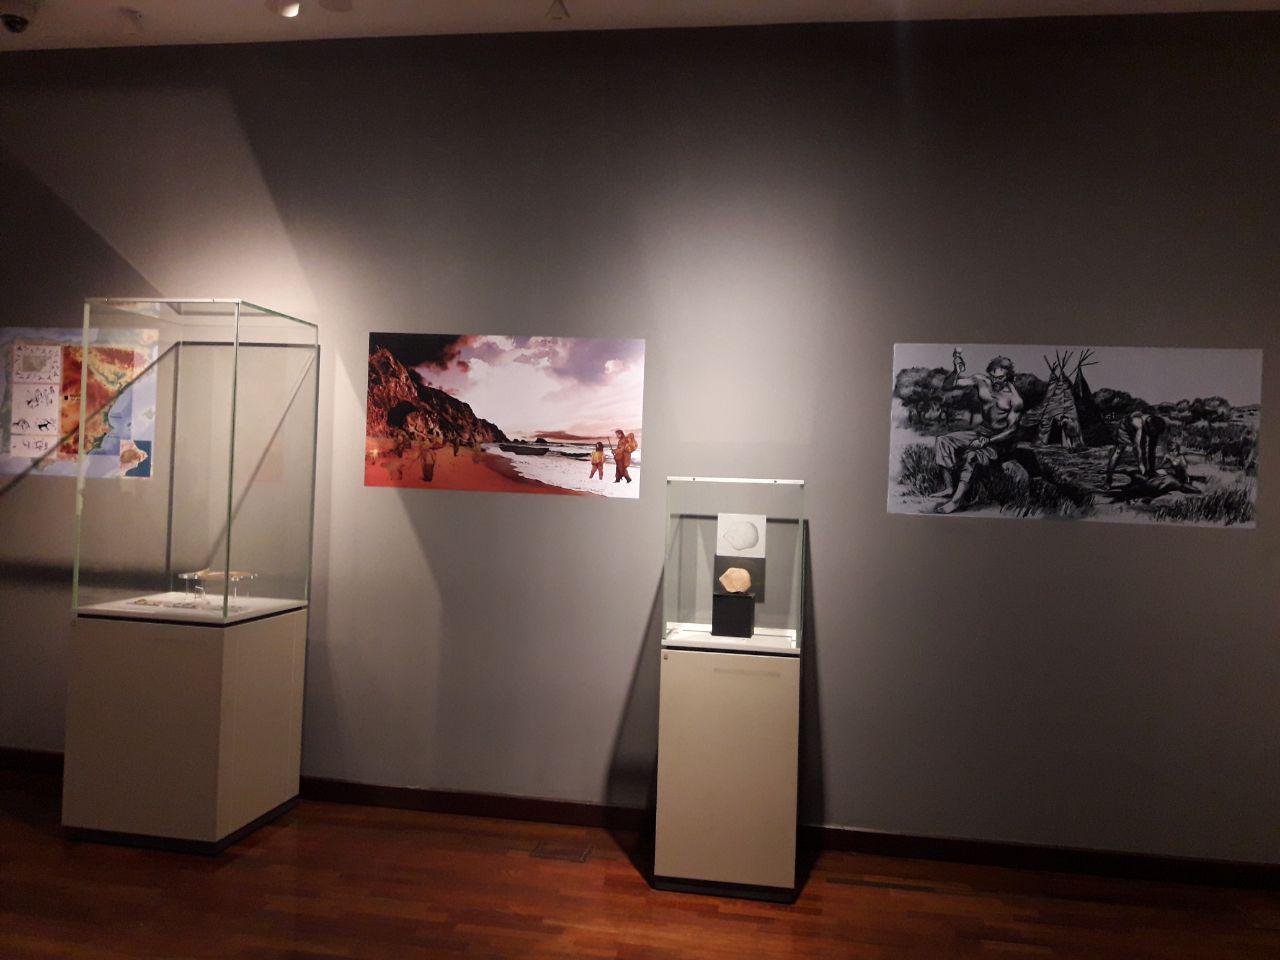 باشگاه خبرنگاران -برگزاری نمایشگاه های مشترک به دیپلماسی فرهنگی کمک می کند